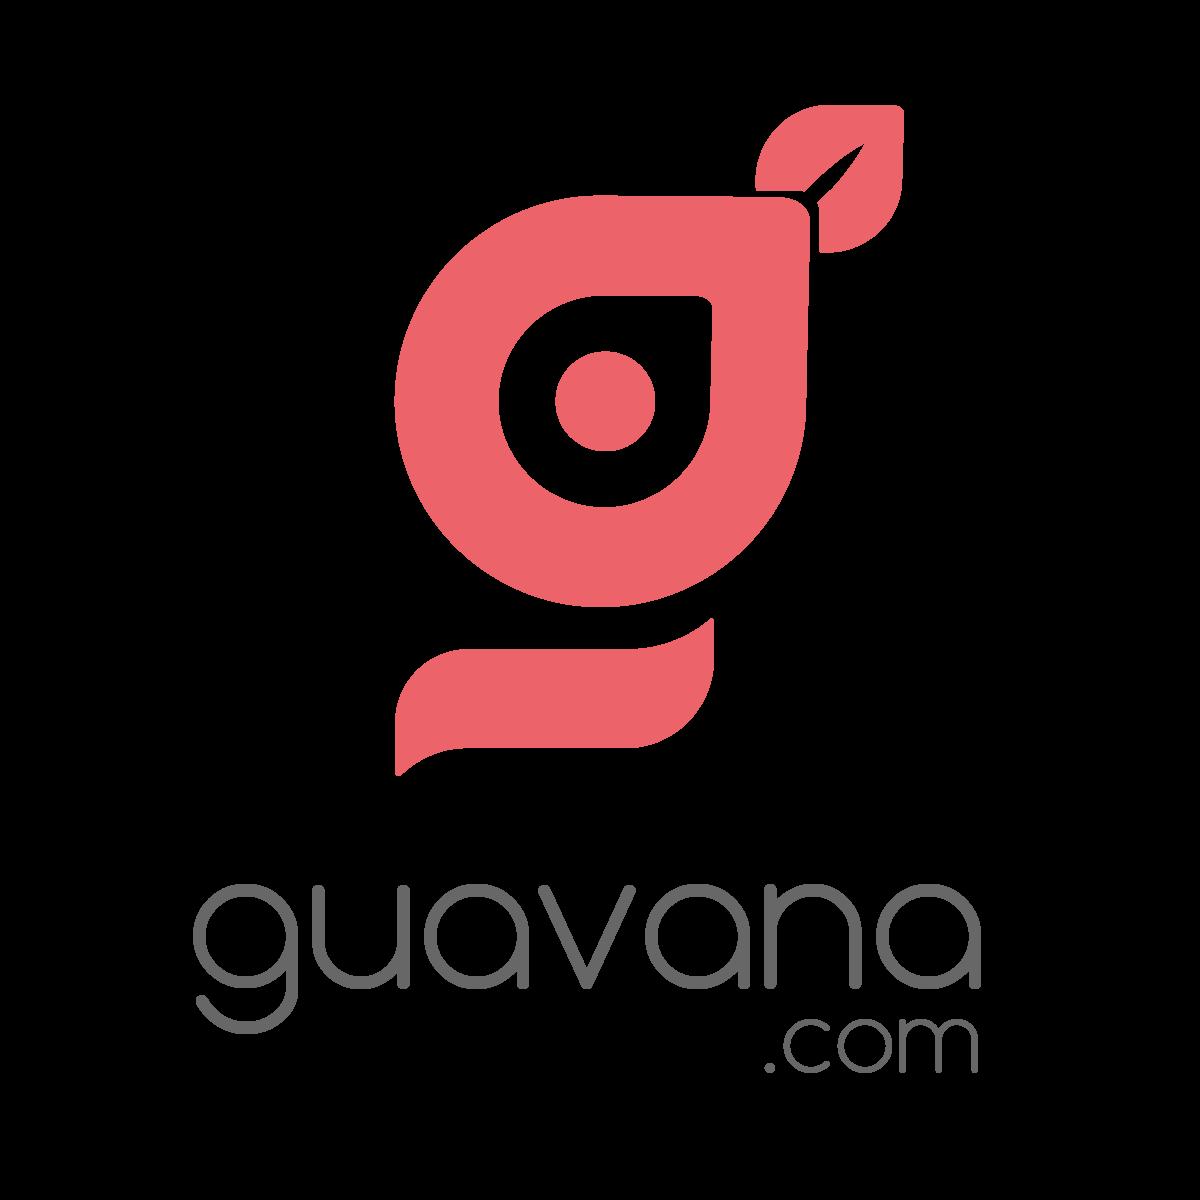 Guavana